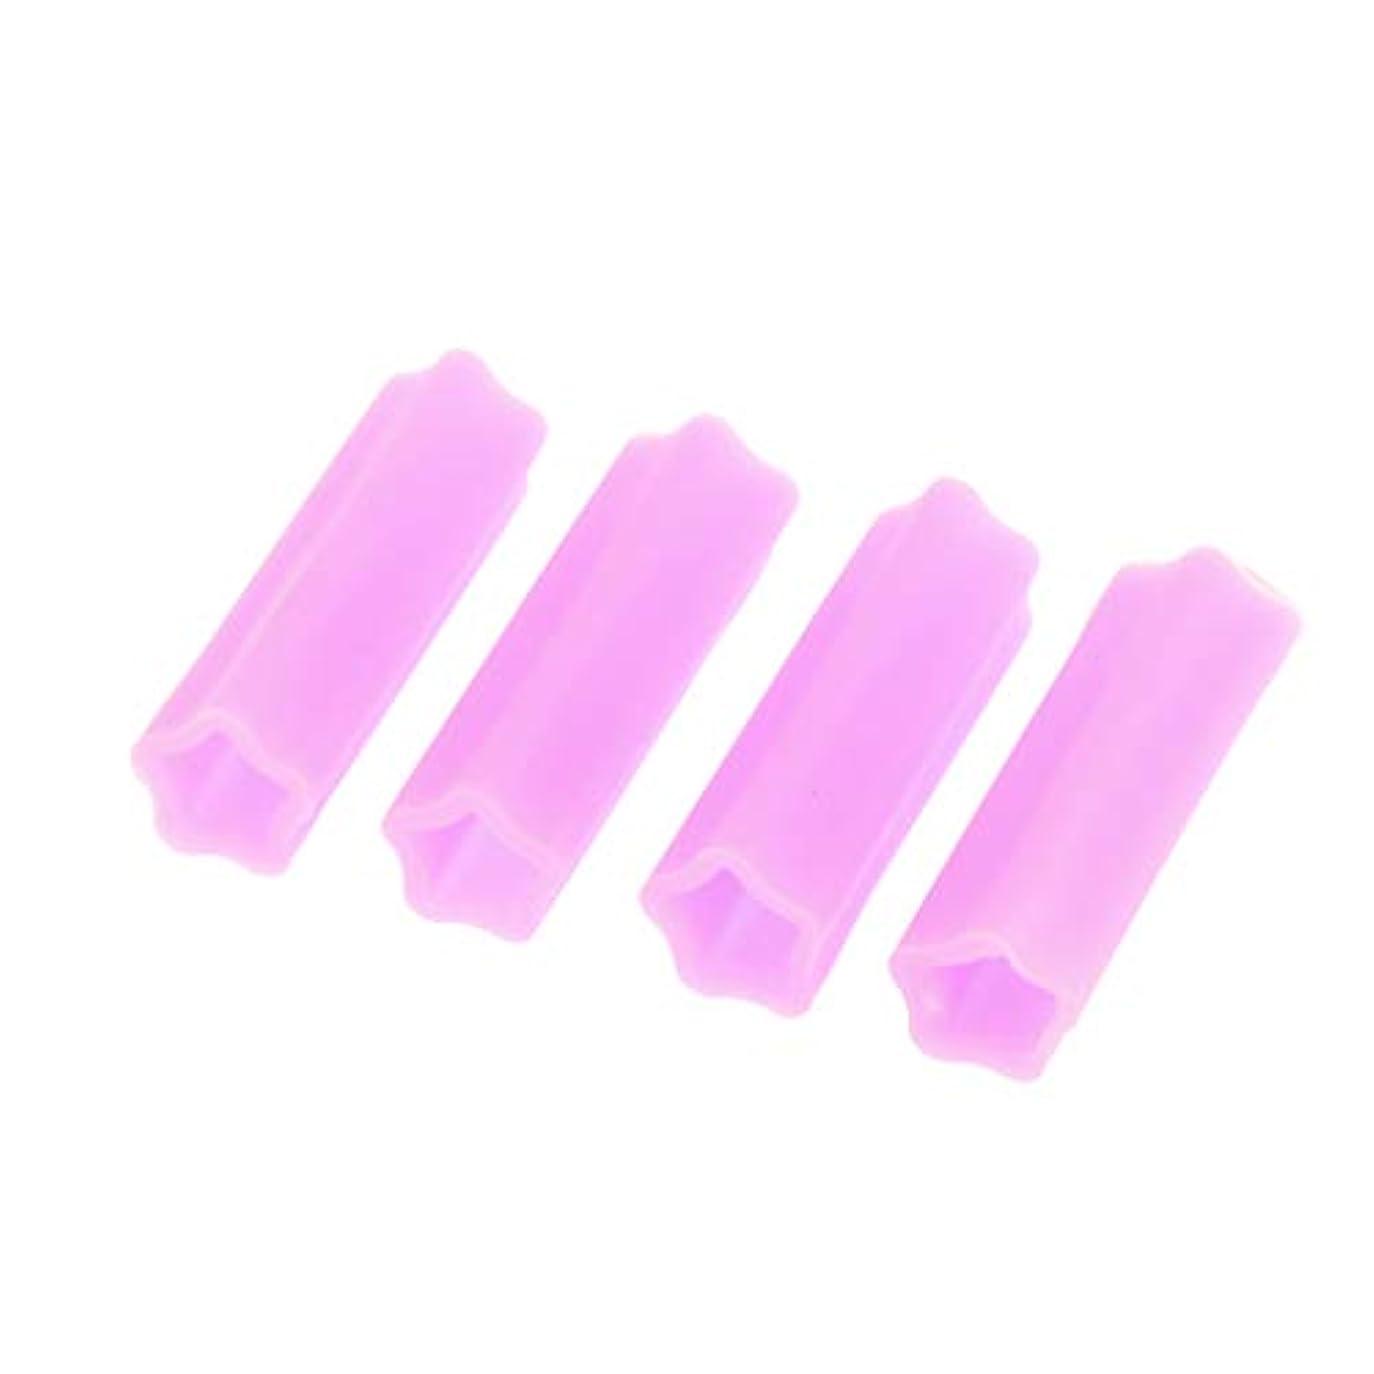 毛皮乞食ネーピアキューティクルニッパー保護カバー アクリルネイル用ツール ネイル道具 ケアツール 4個入り 全5色 - 紫の